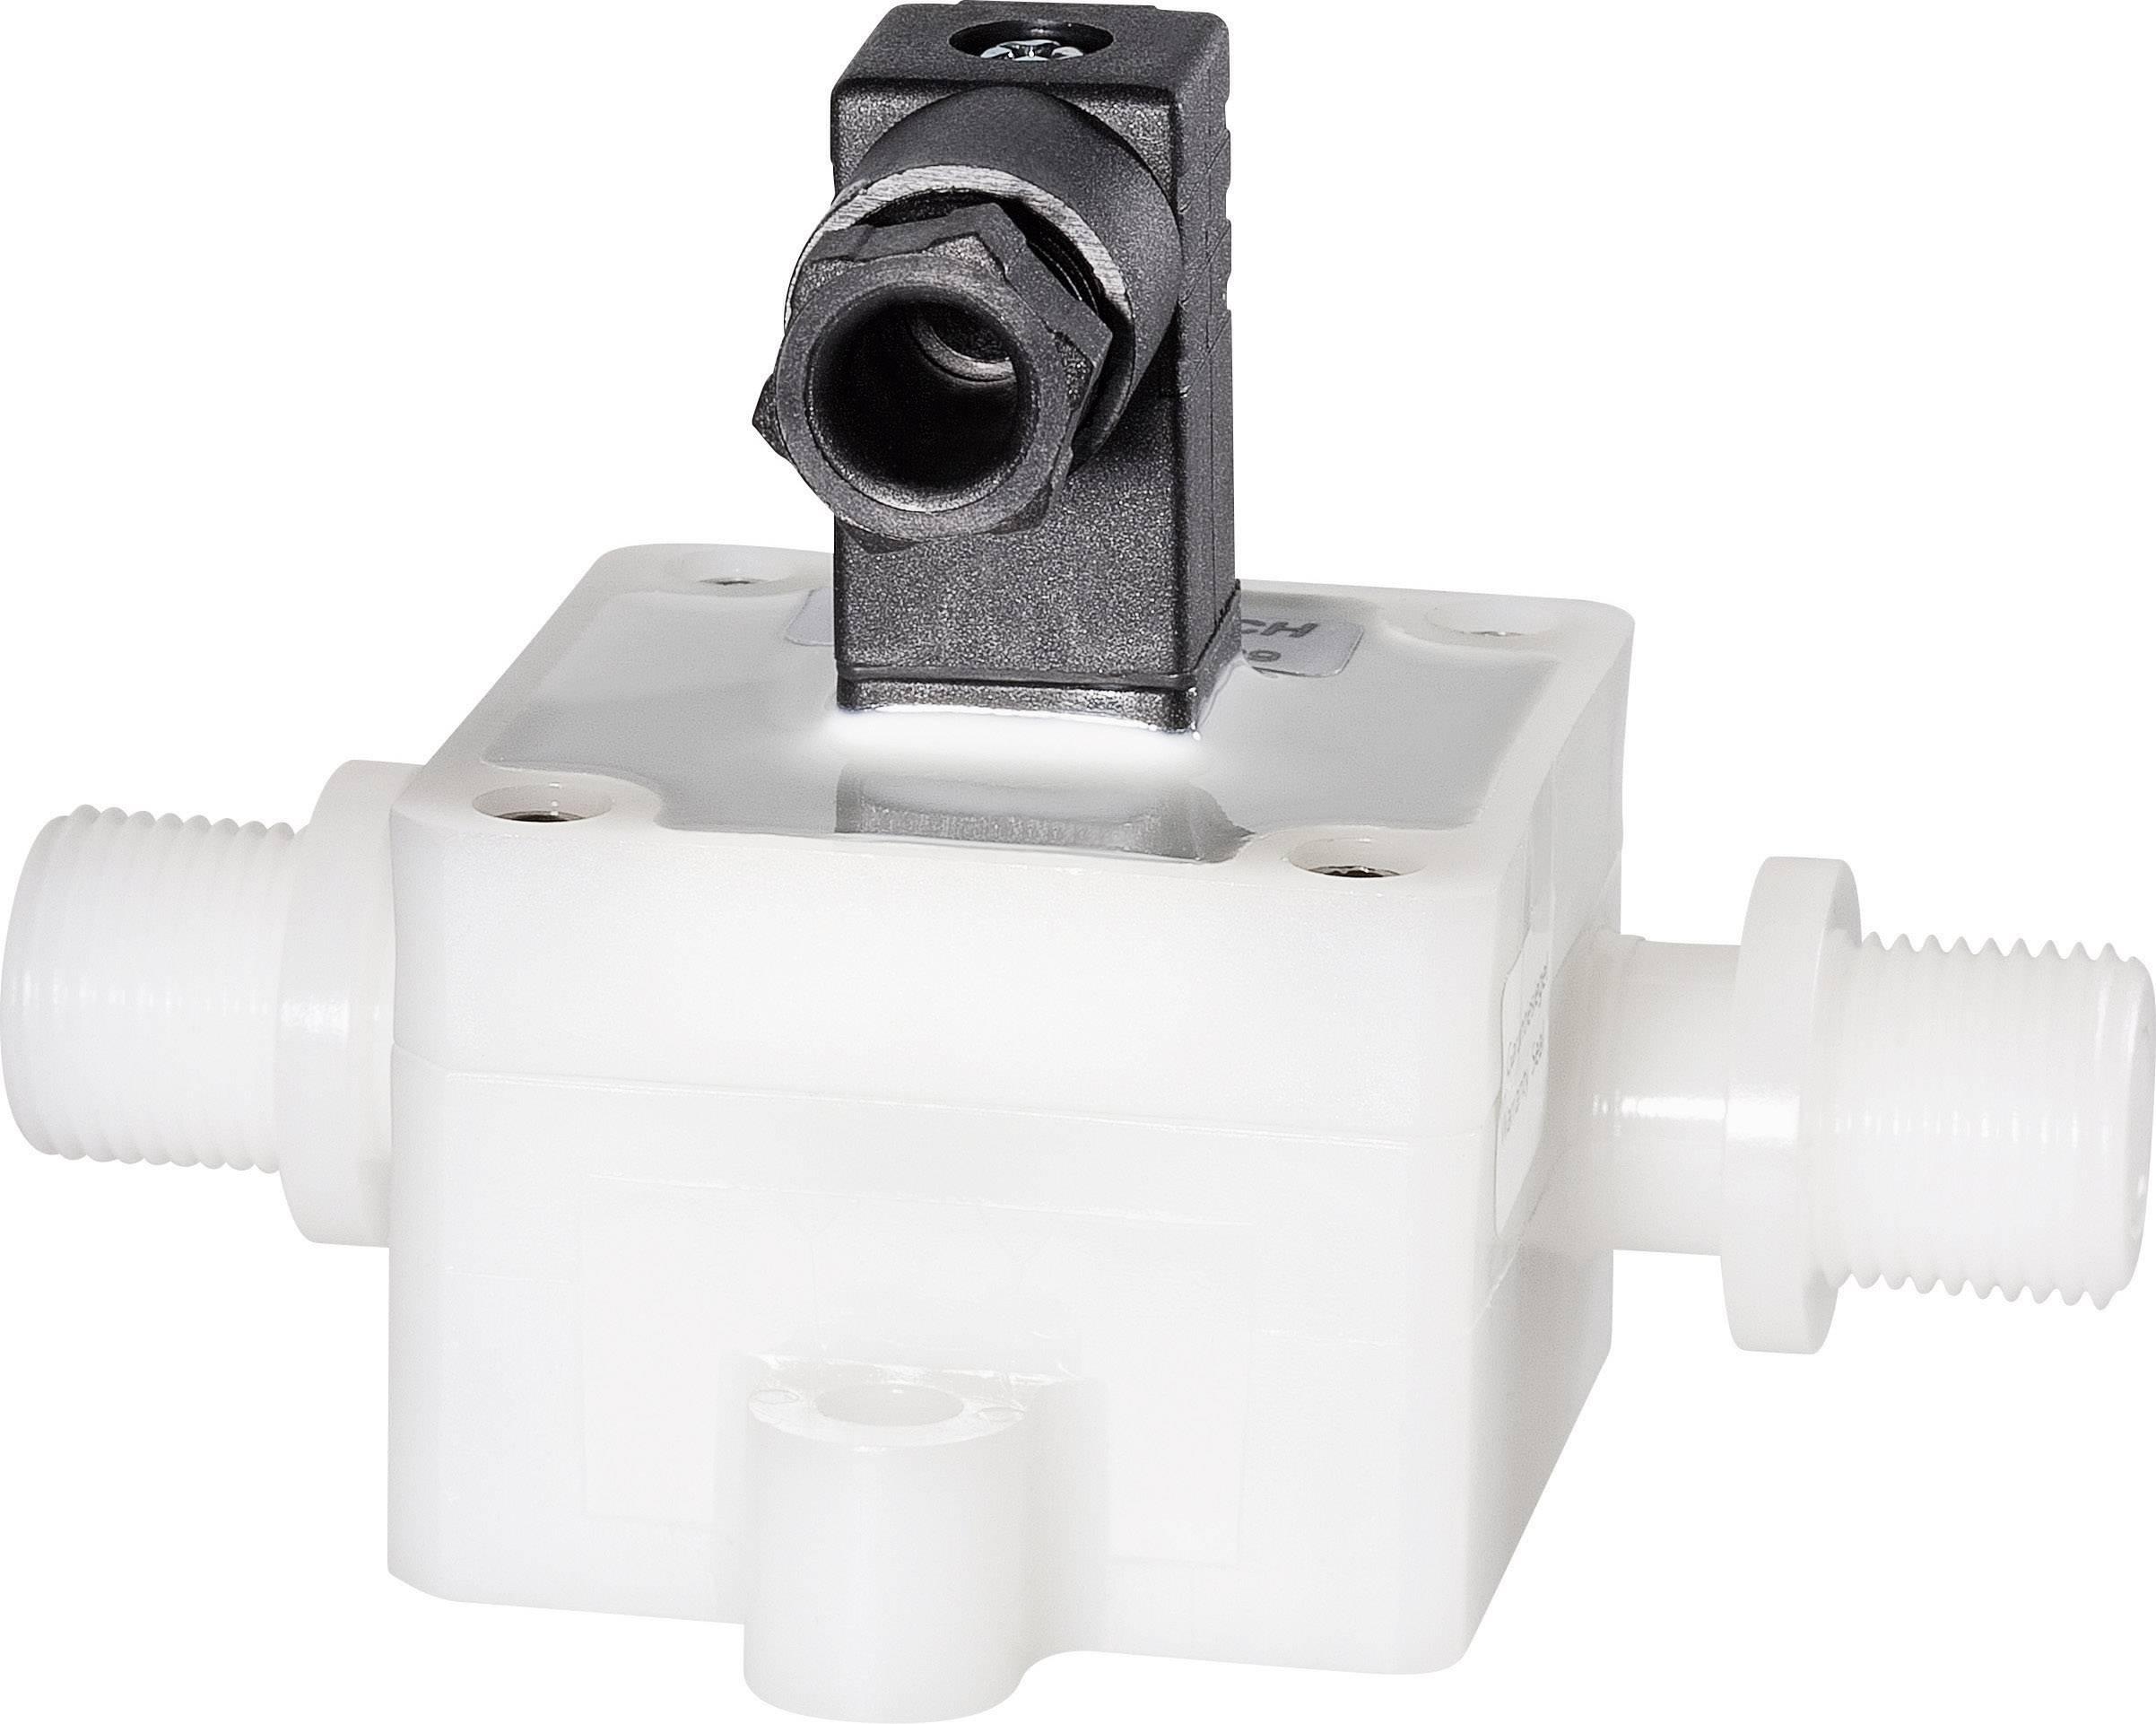 Senzor průtoku B.I.O-TECH e.K. DFM PVDF-Chemie G3/8, 4.5 - 24 V/DC, 0.5 - 16.5 l/min, (d x š x v) 97 x 73 x 63 mm